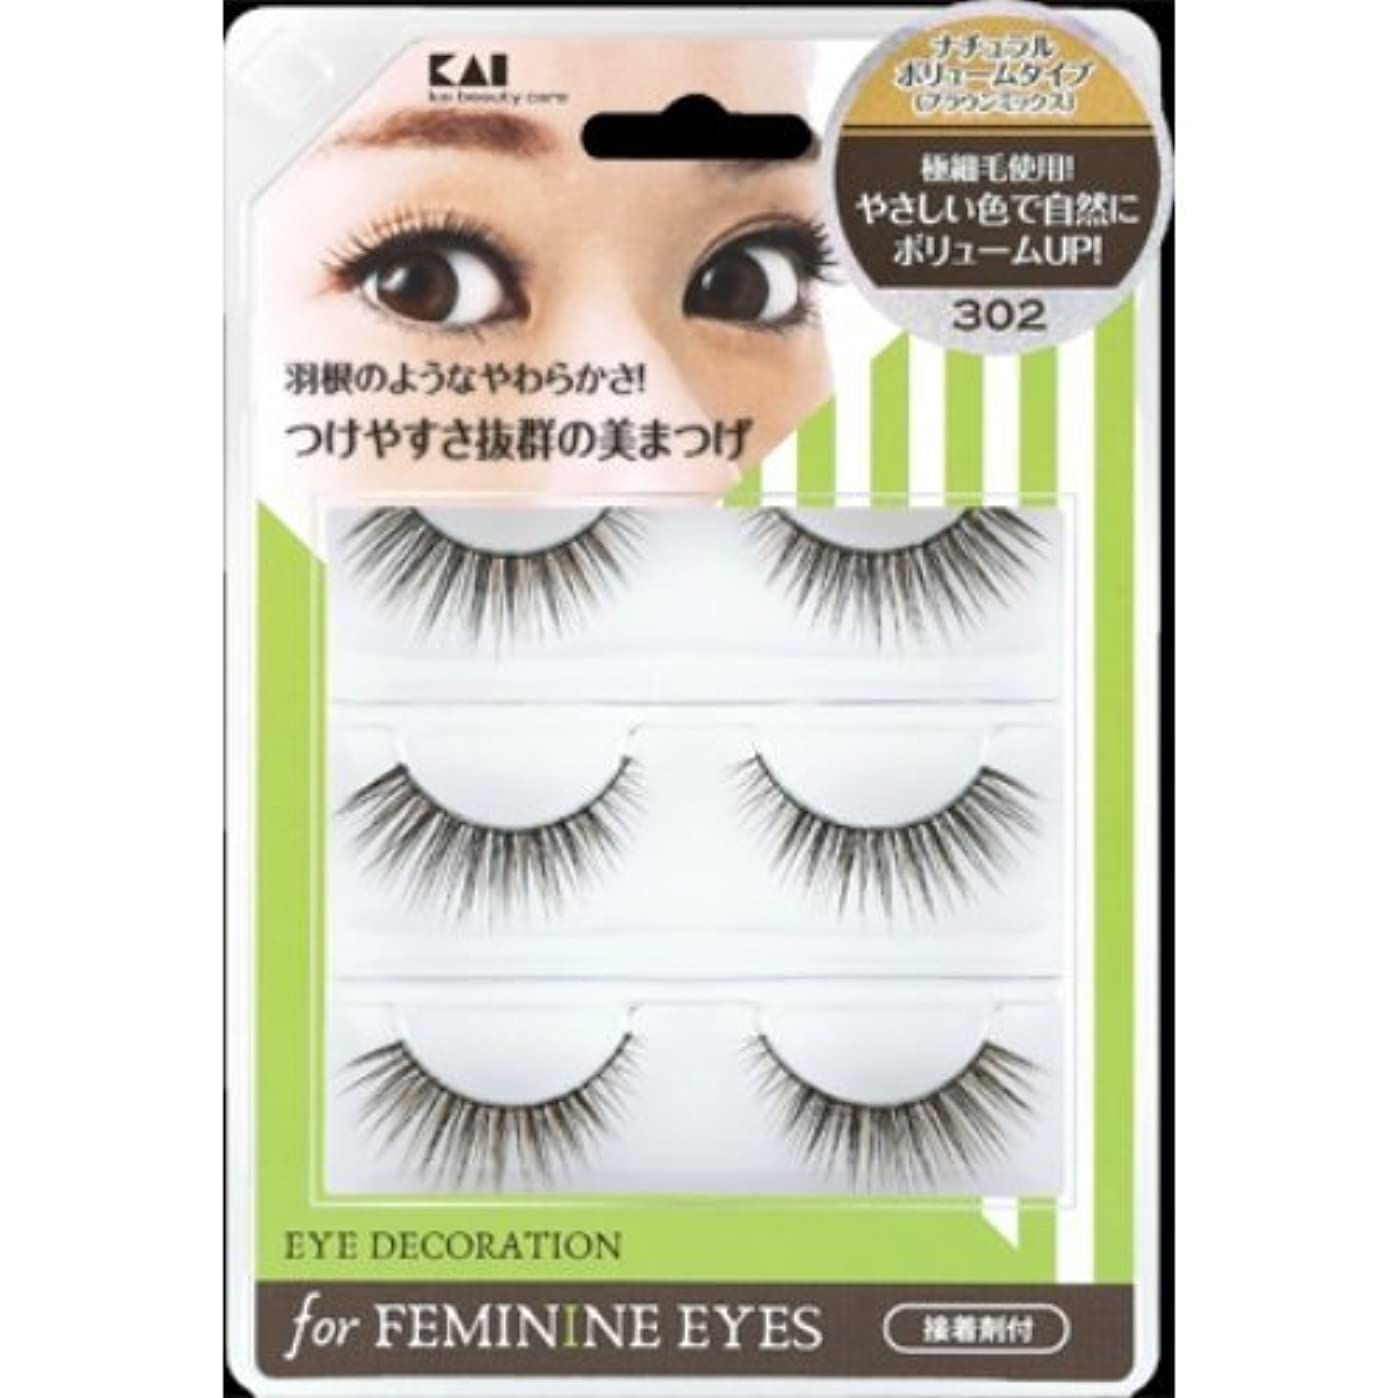 タンク専門用語興奮貝印 アイデコレーション for feminine eyes 302 HC1562